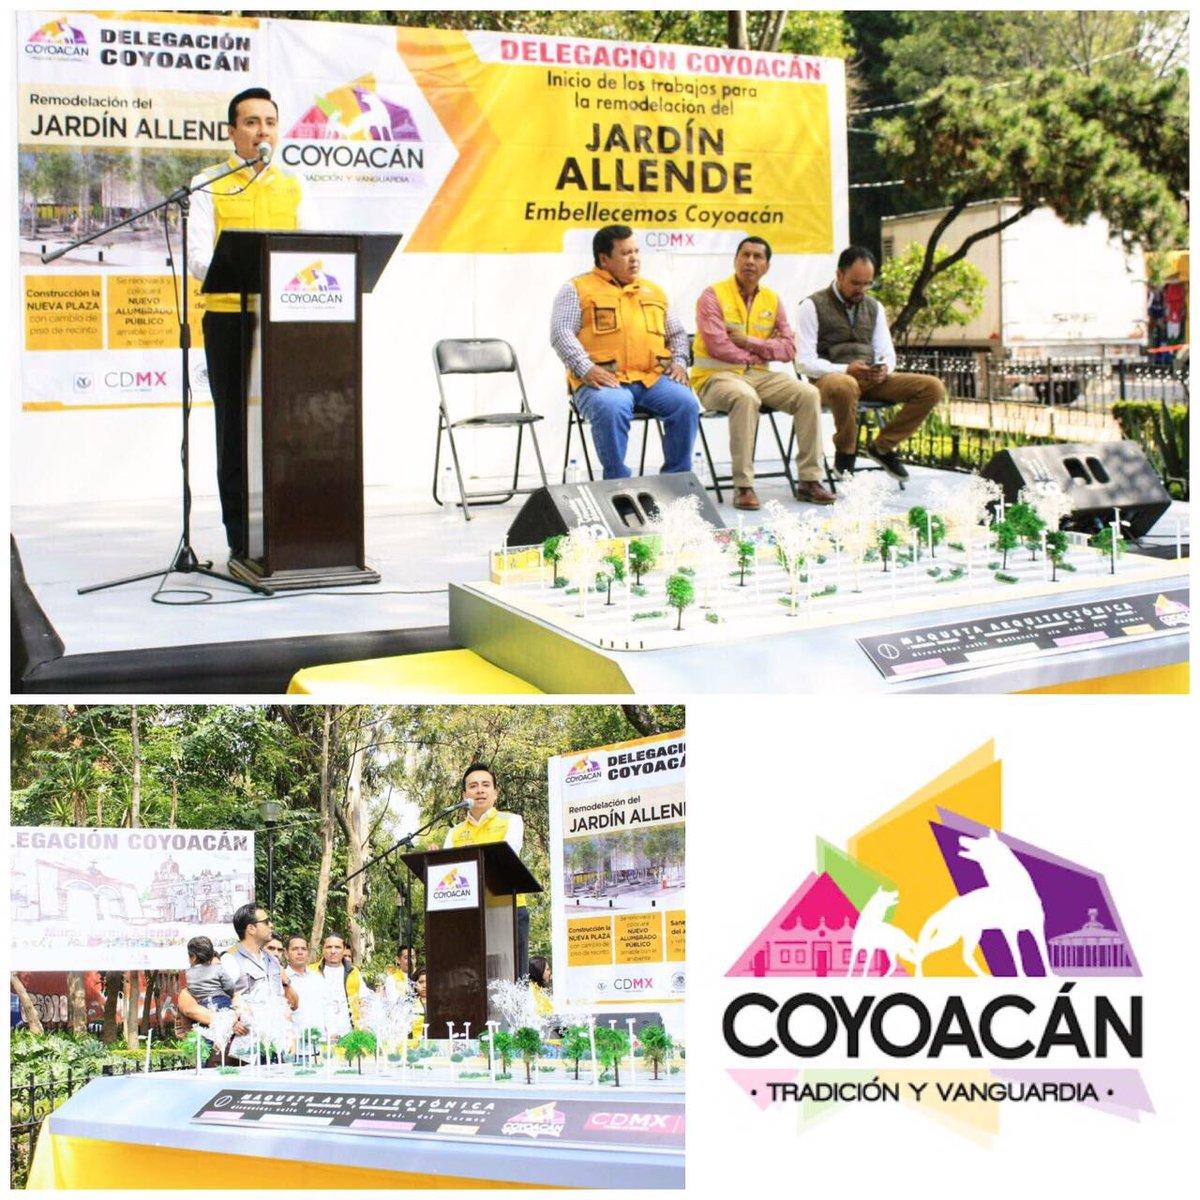 Coyoacán anuncia la remodelación del Jardín Allende